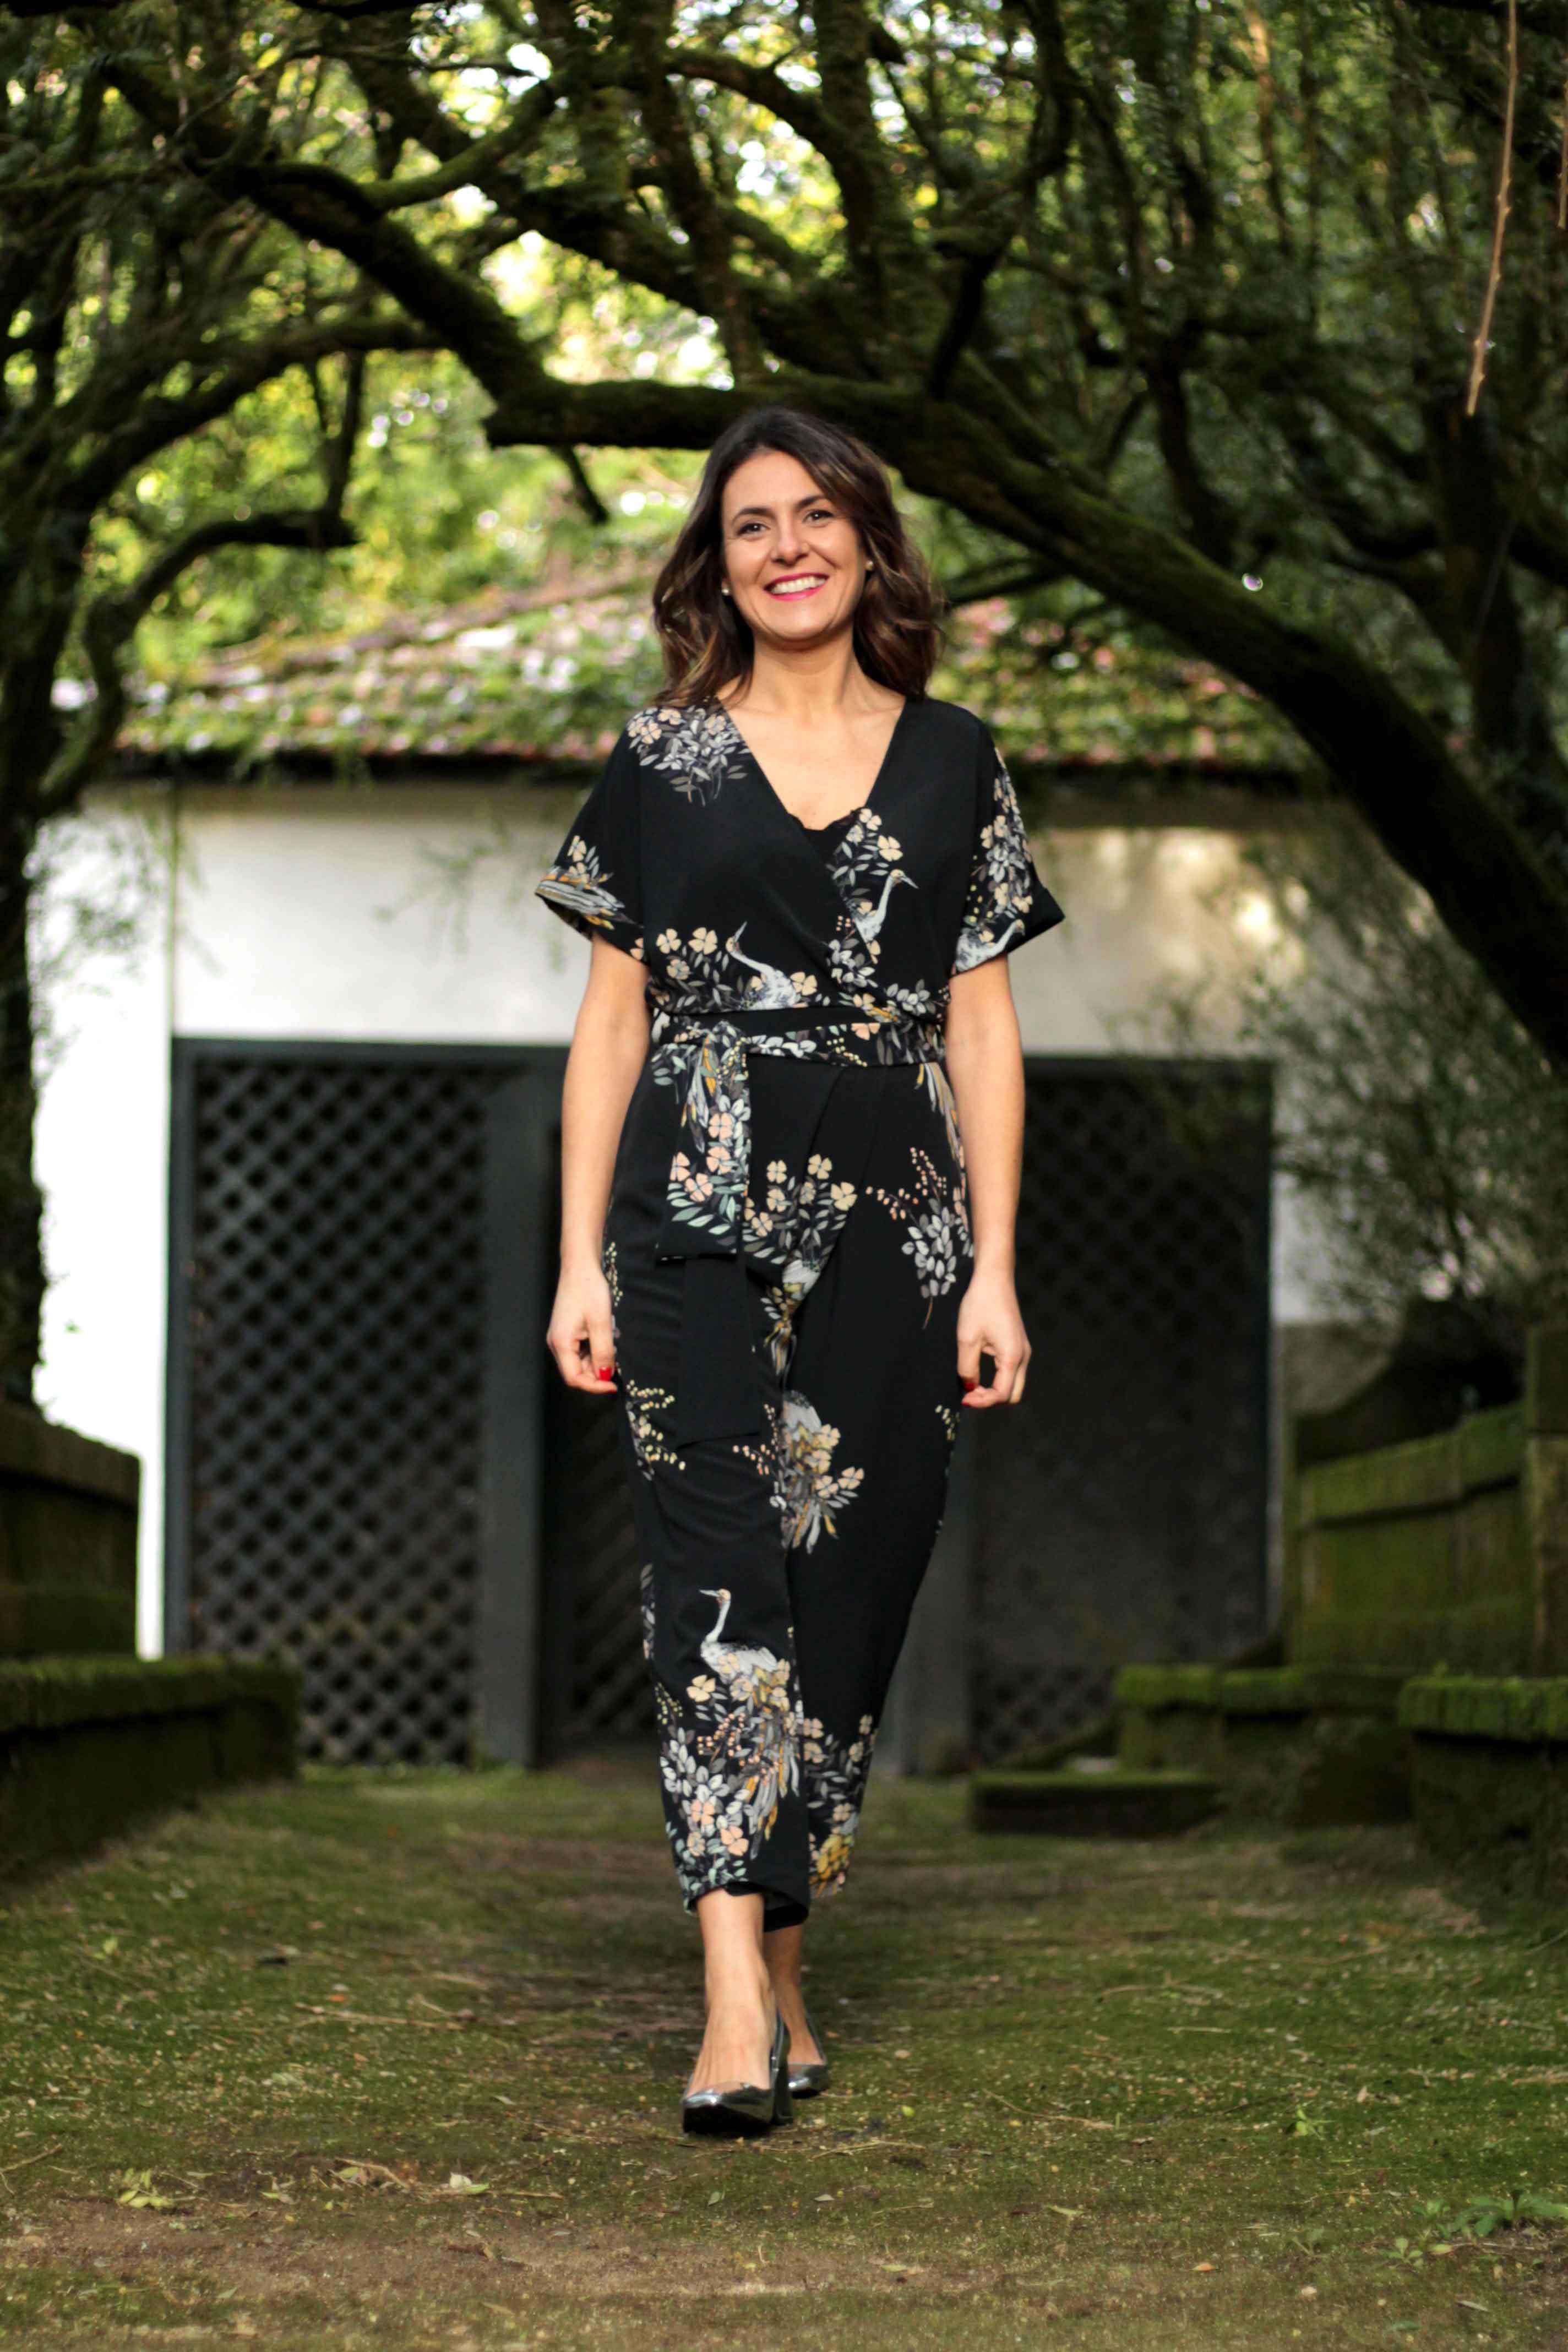 Pilar Senin Vilariño - Bodas Civiles